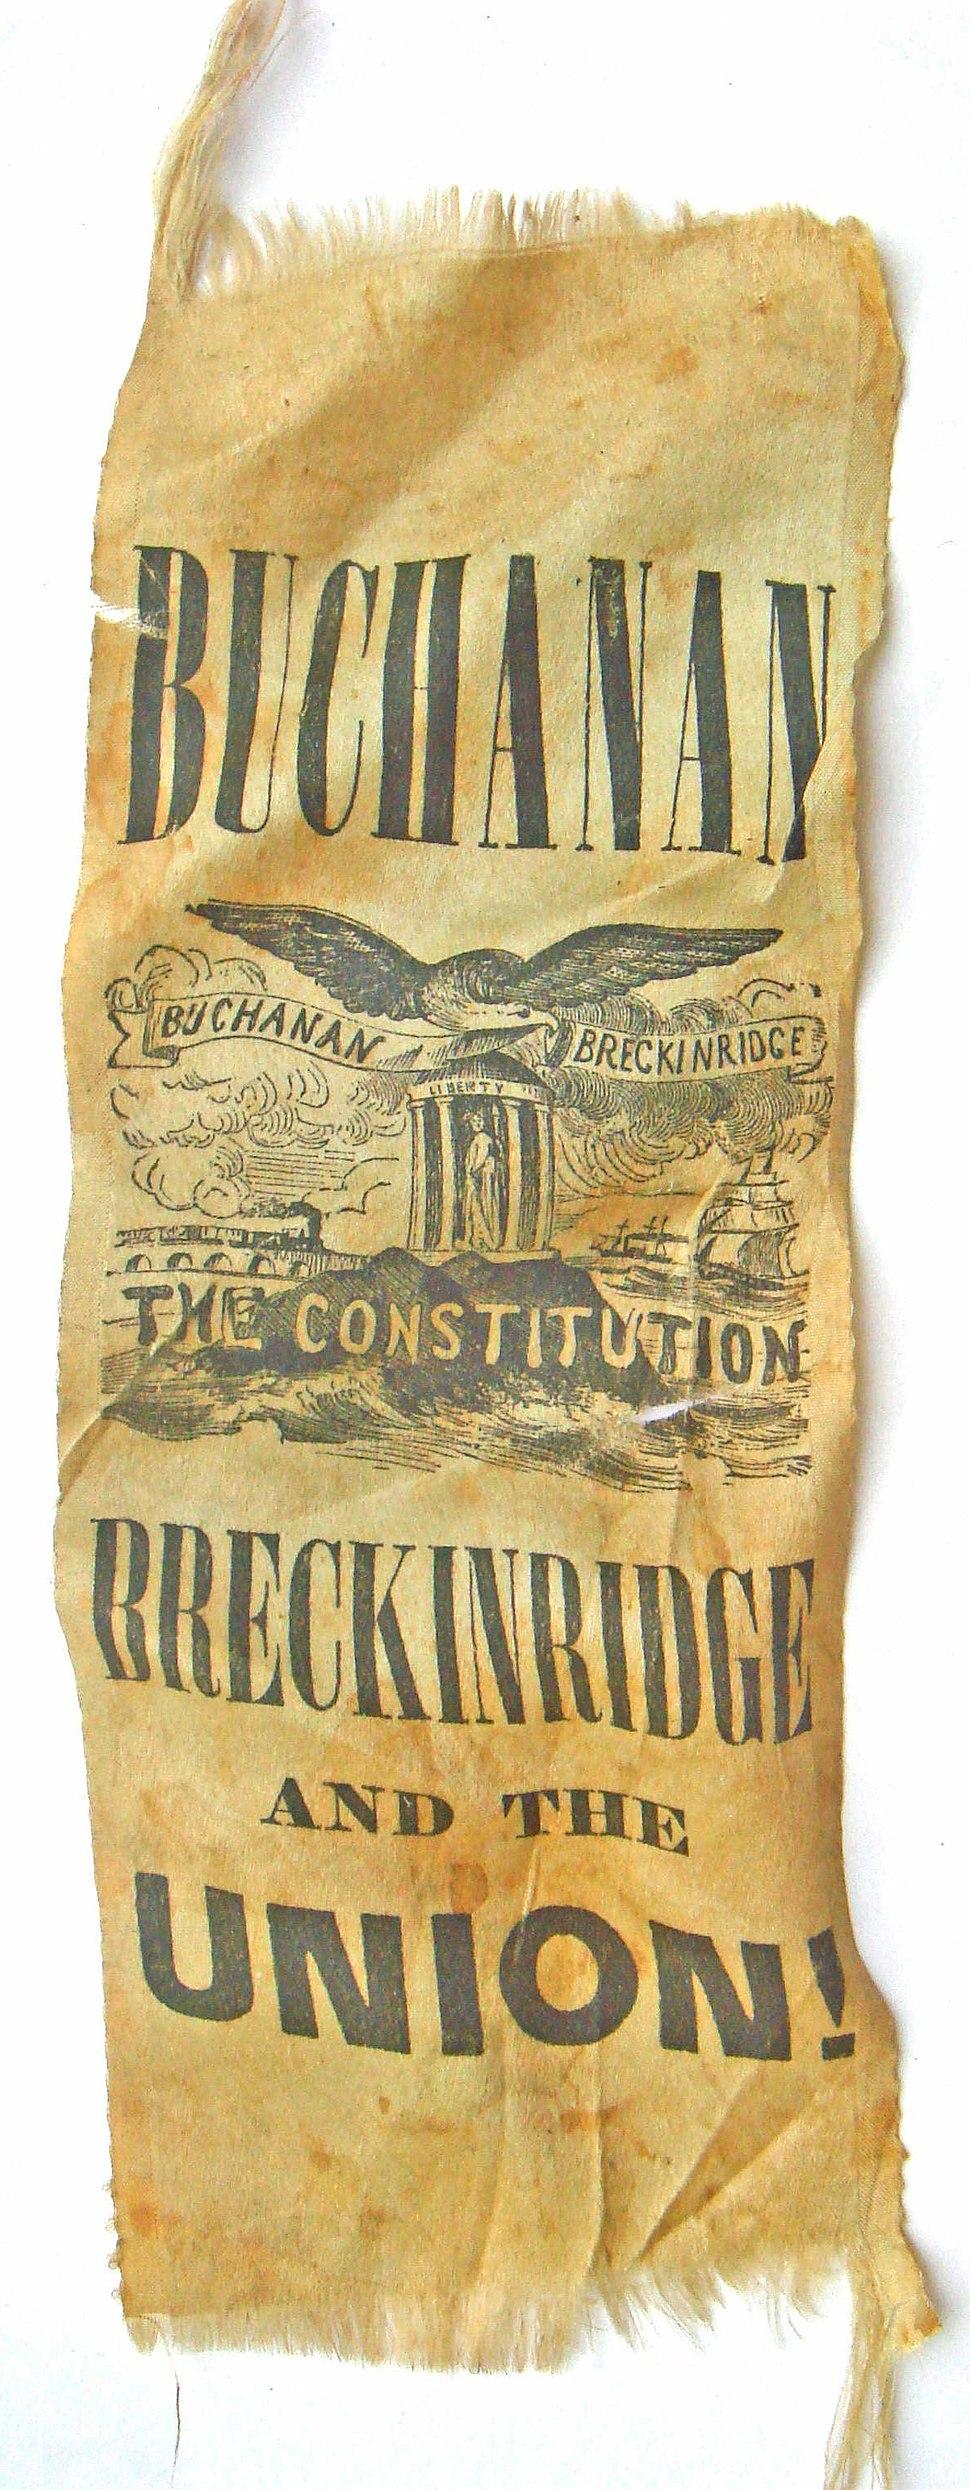 RibbonBuchananBreckenridgePrezCampaign1856